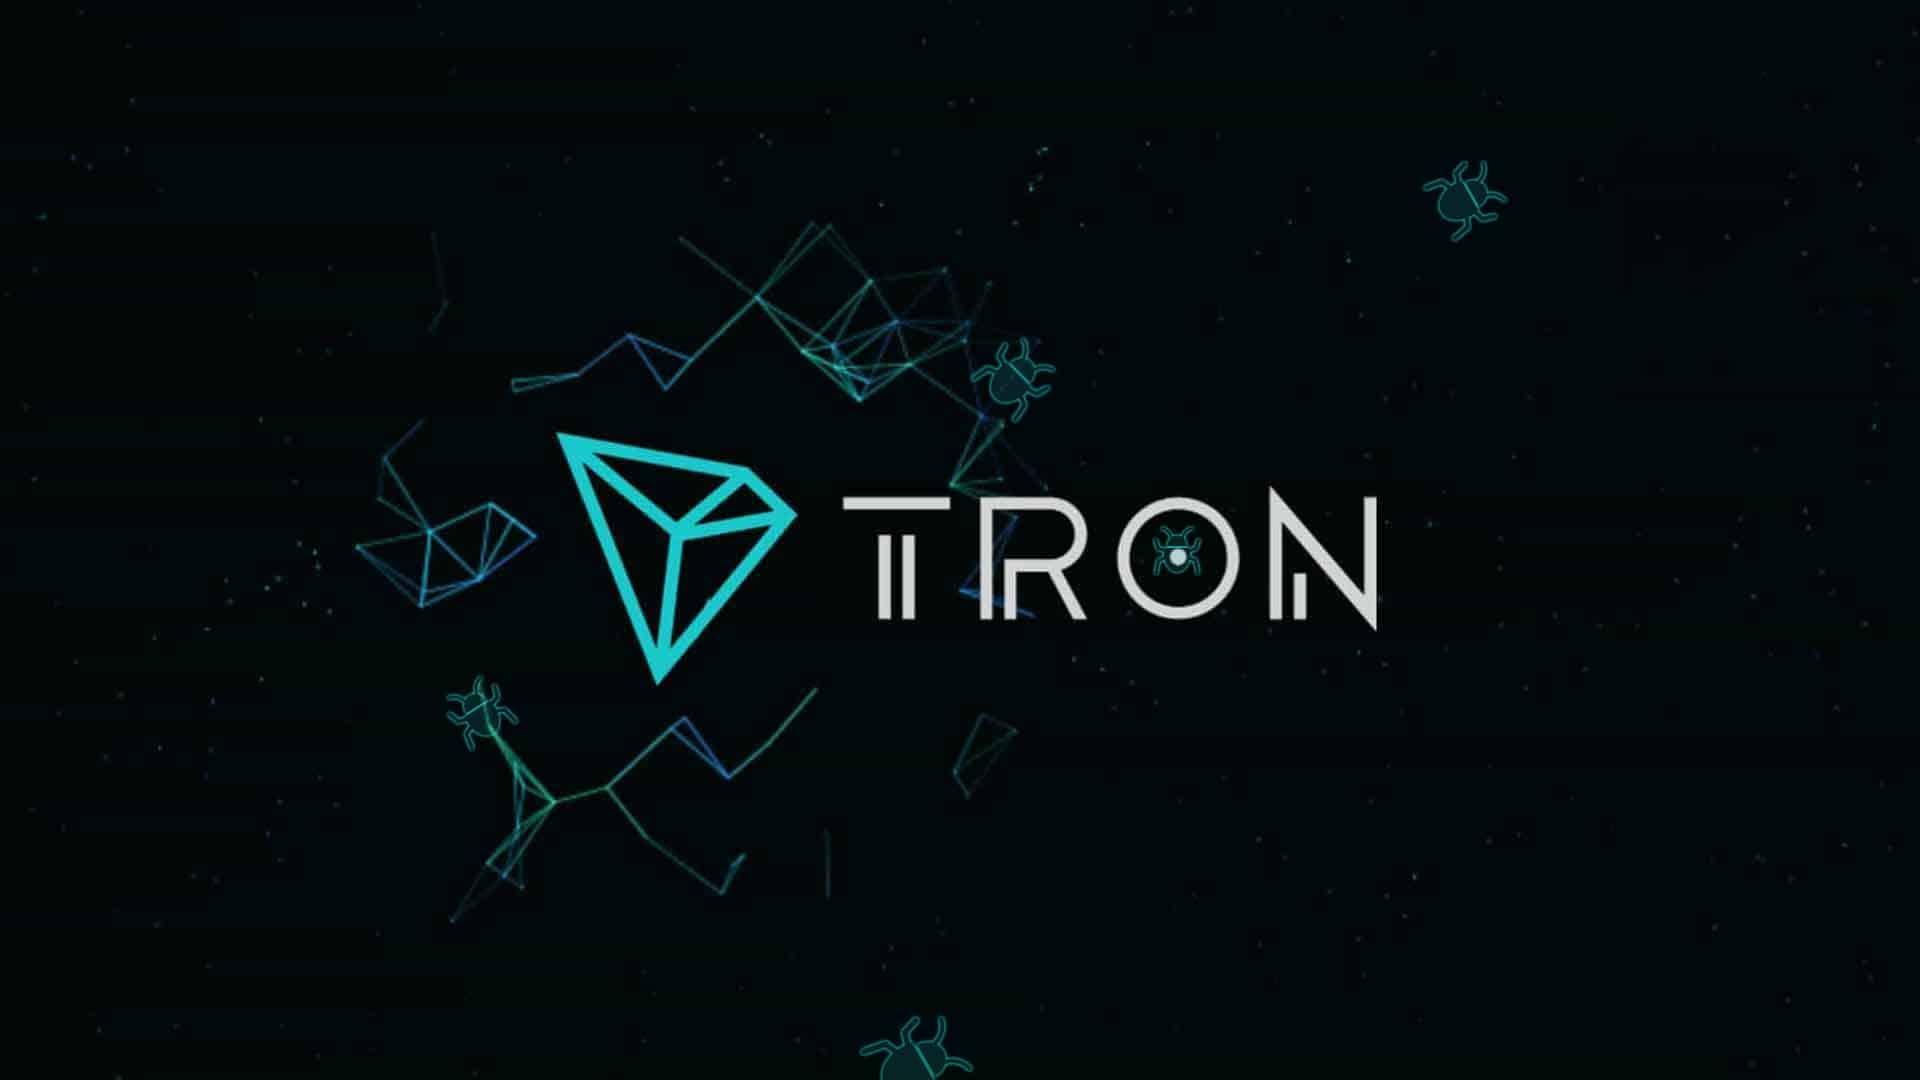 ارز دیجیتال ترون (Tron) چیست؟ معرفی و بررسی